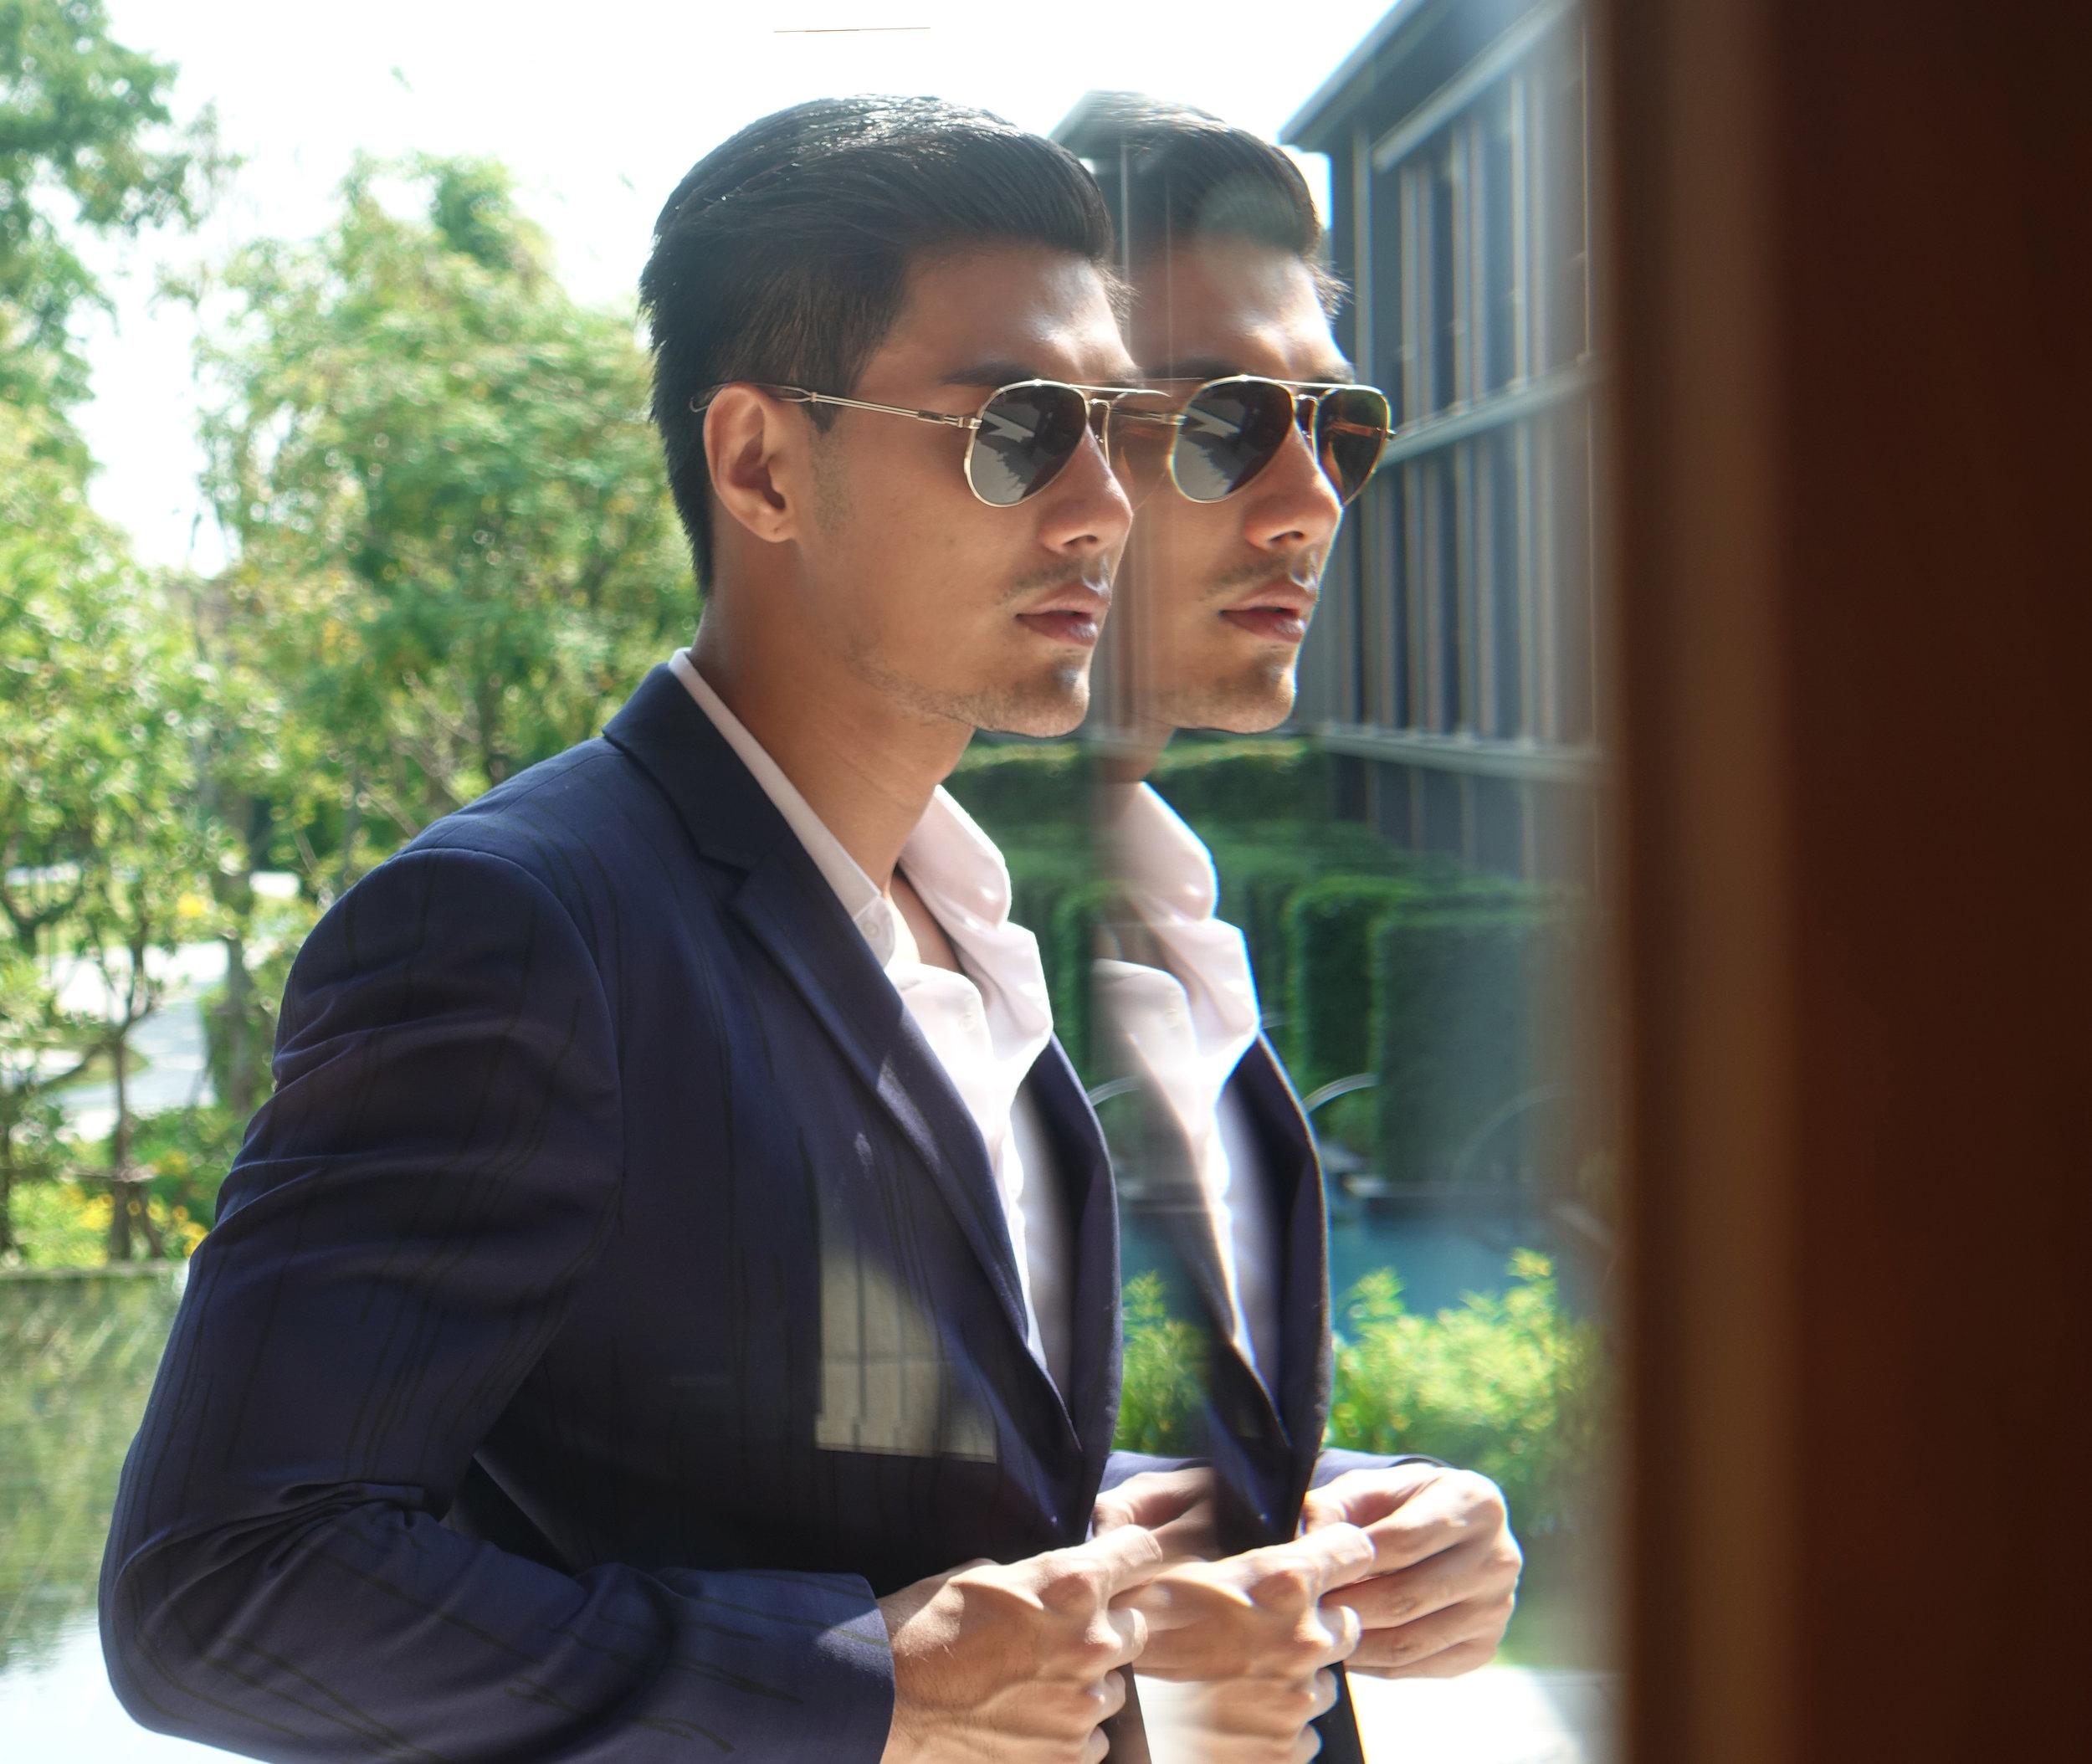 clothes : Calvin Klein Platinum / sunglasses : TAVAT